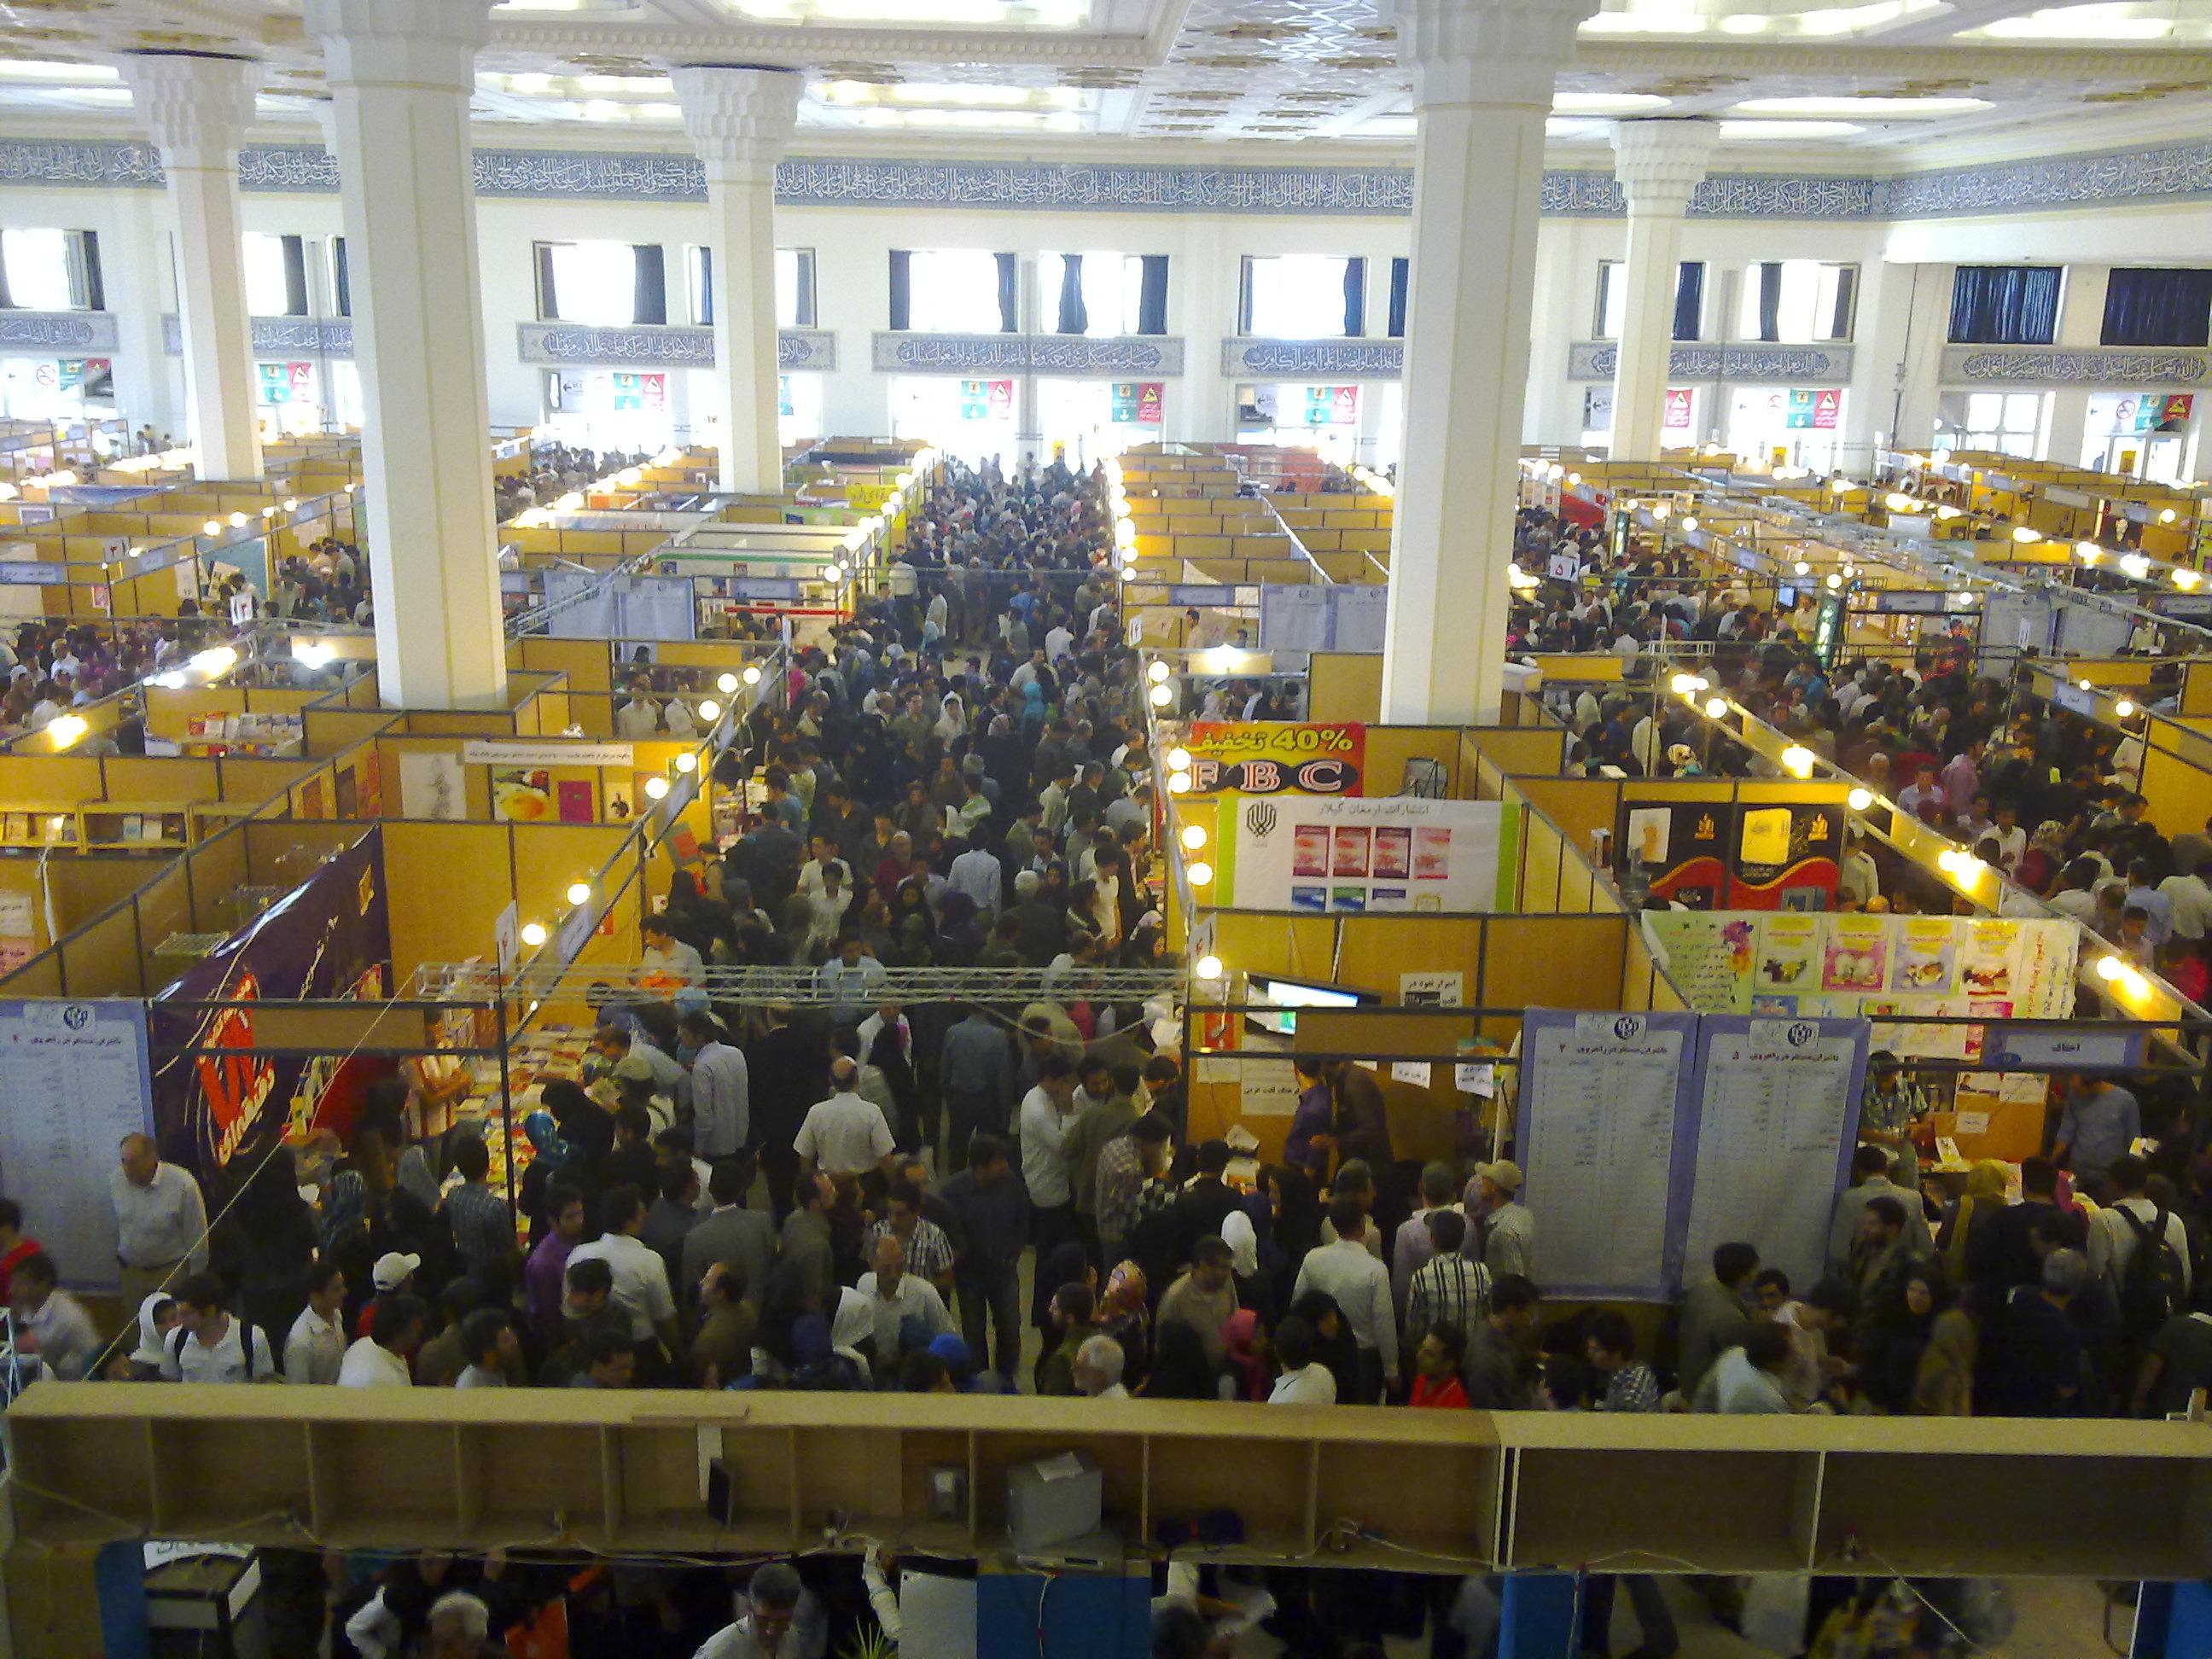 23rd tehran international book fair 1.jpg